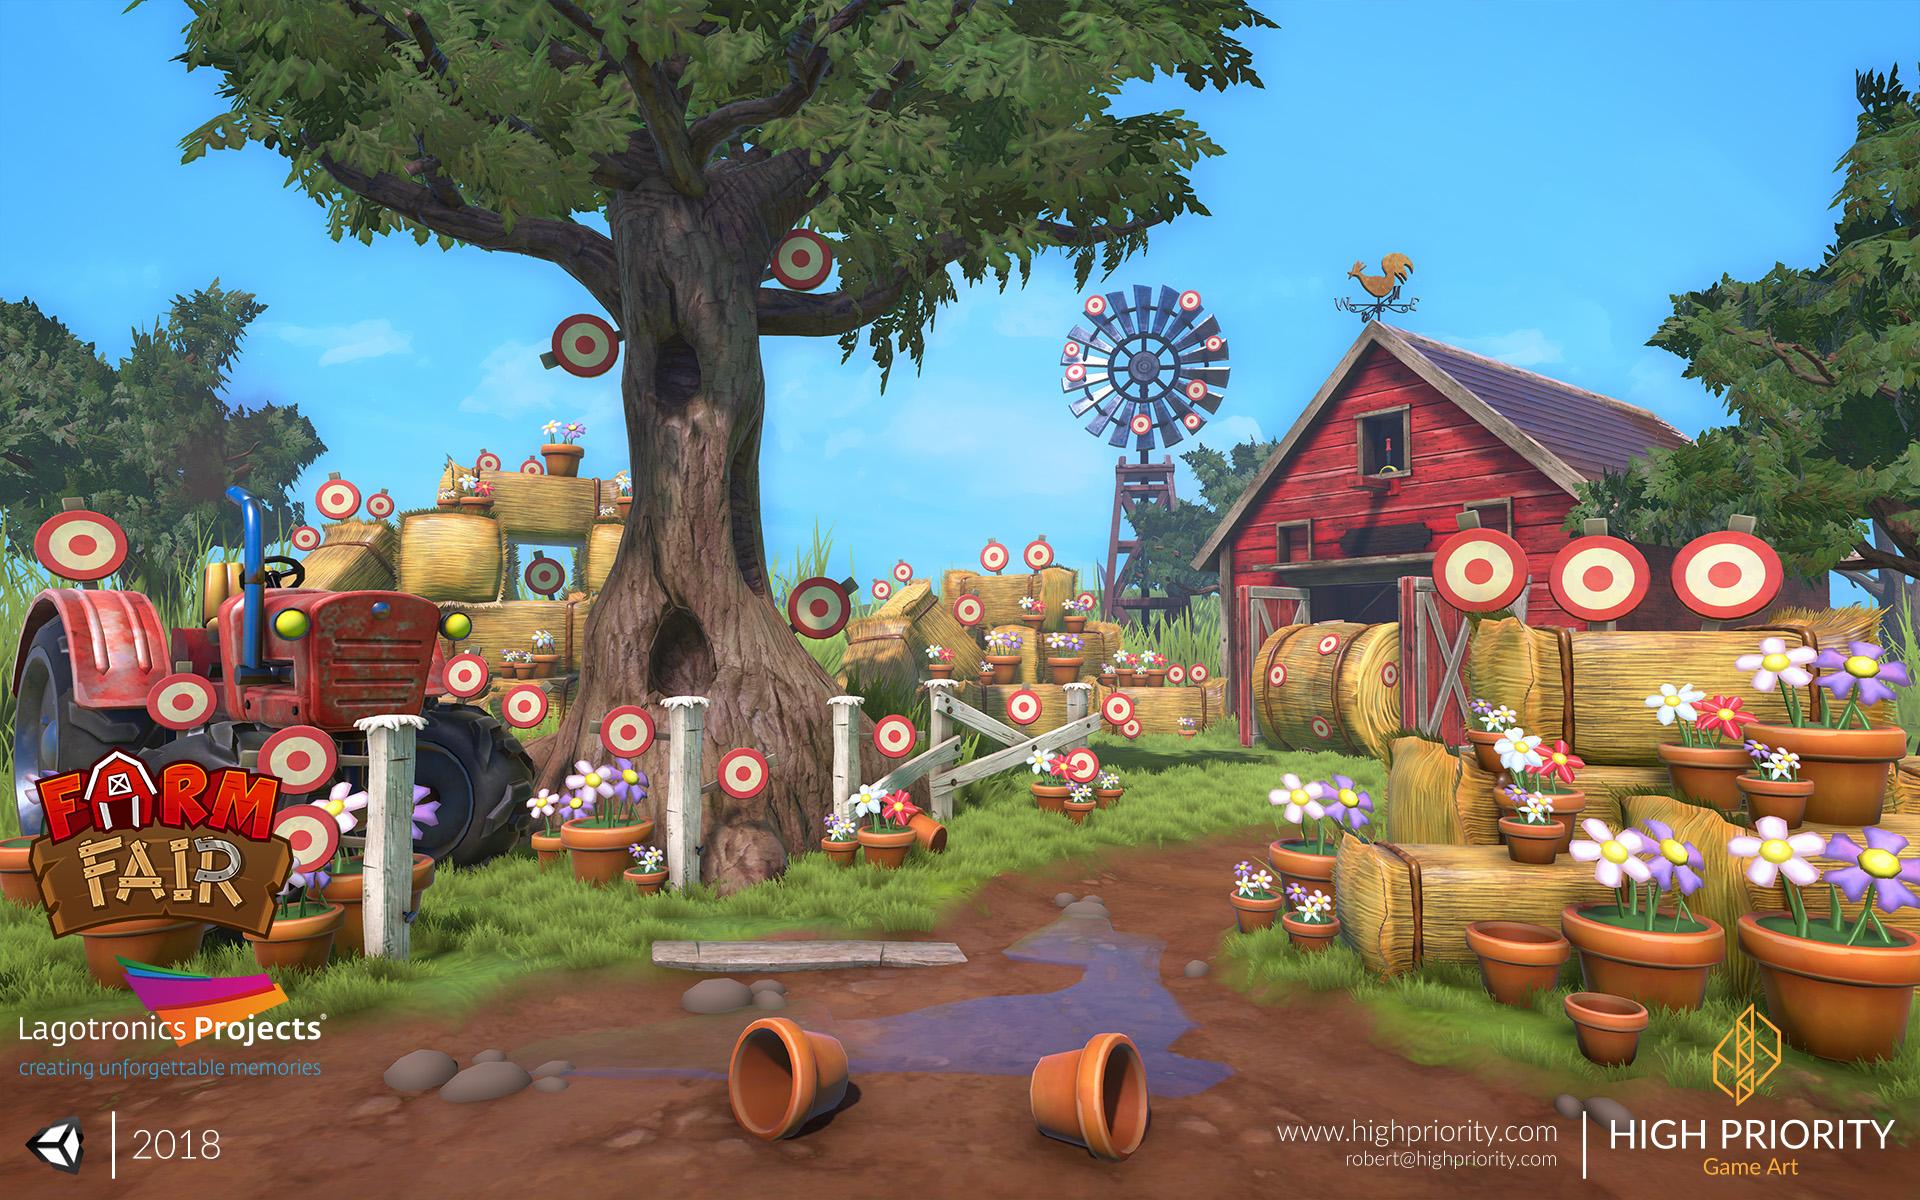 High Priority - Farm Fair - Yard